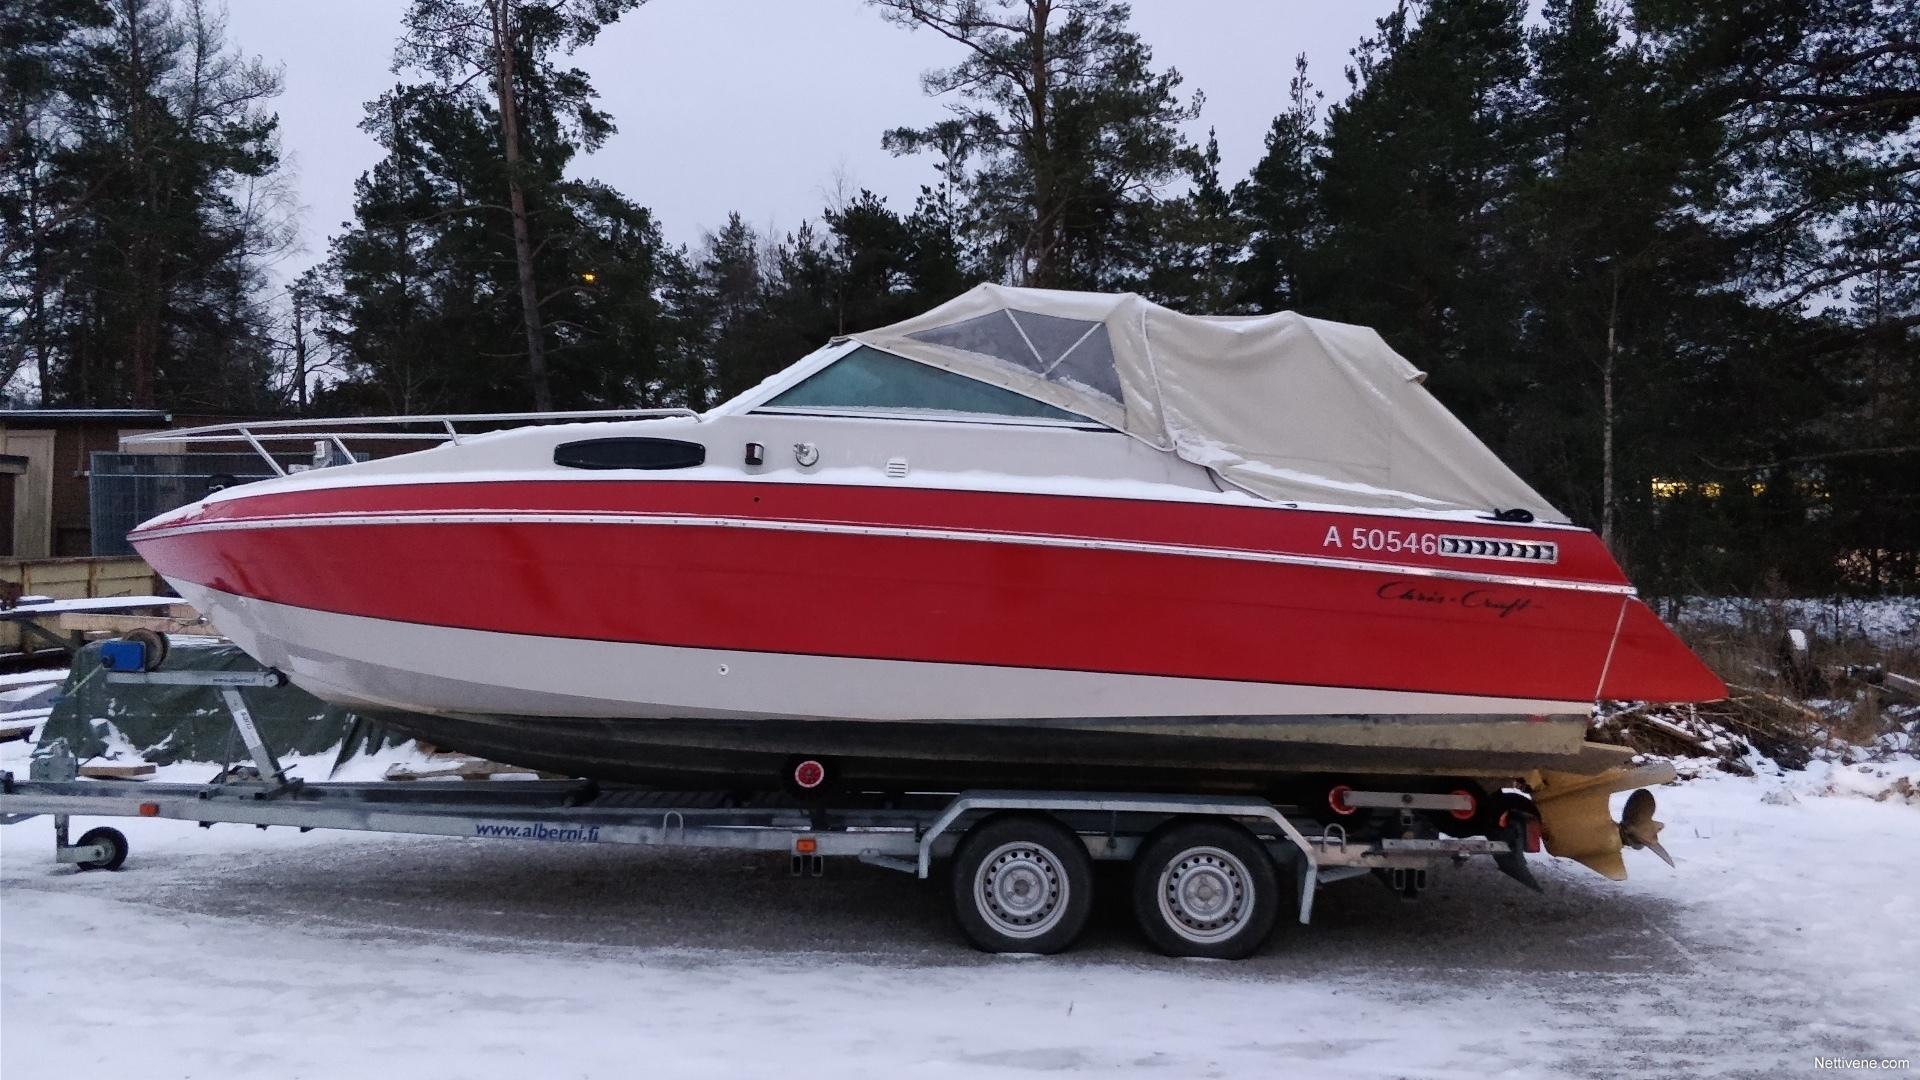 Chris-craft Scorpion motor boat - Uusikaupunki - Nettivene